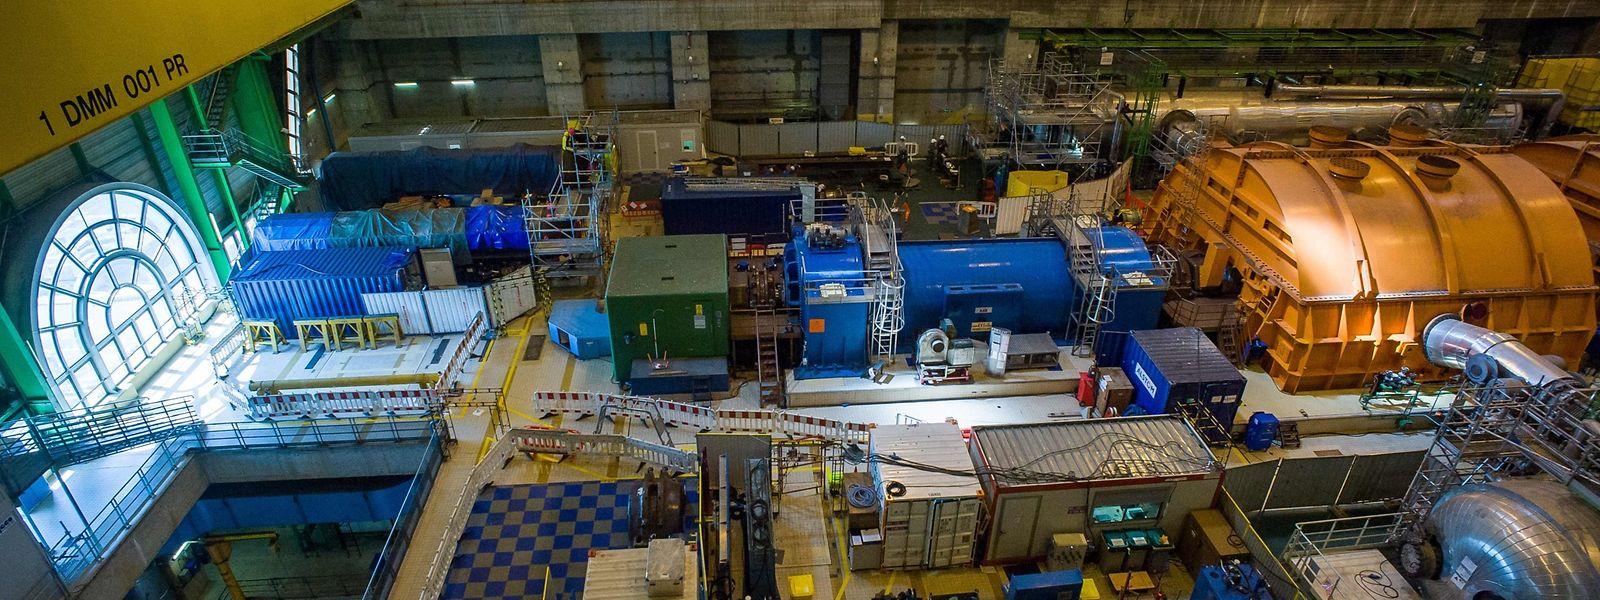 Les réacteurs des centrales de Tihange et de Doel devraient être progressivement éteints entre novembre 2022 et décembre 2025.